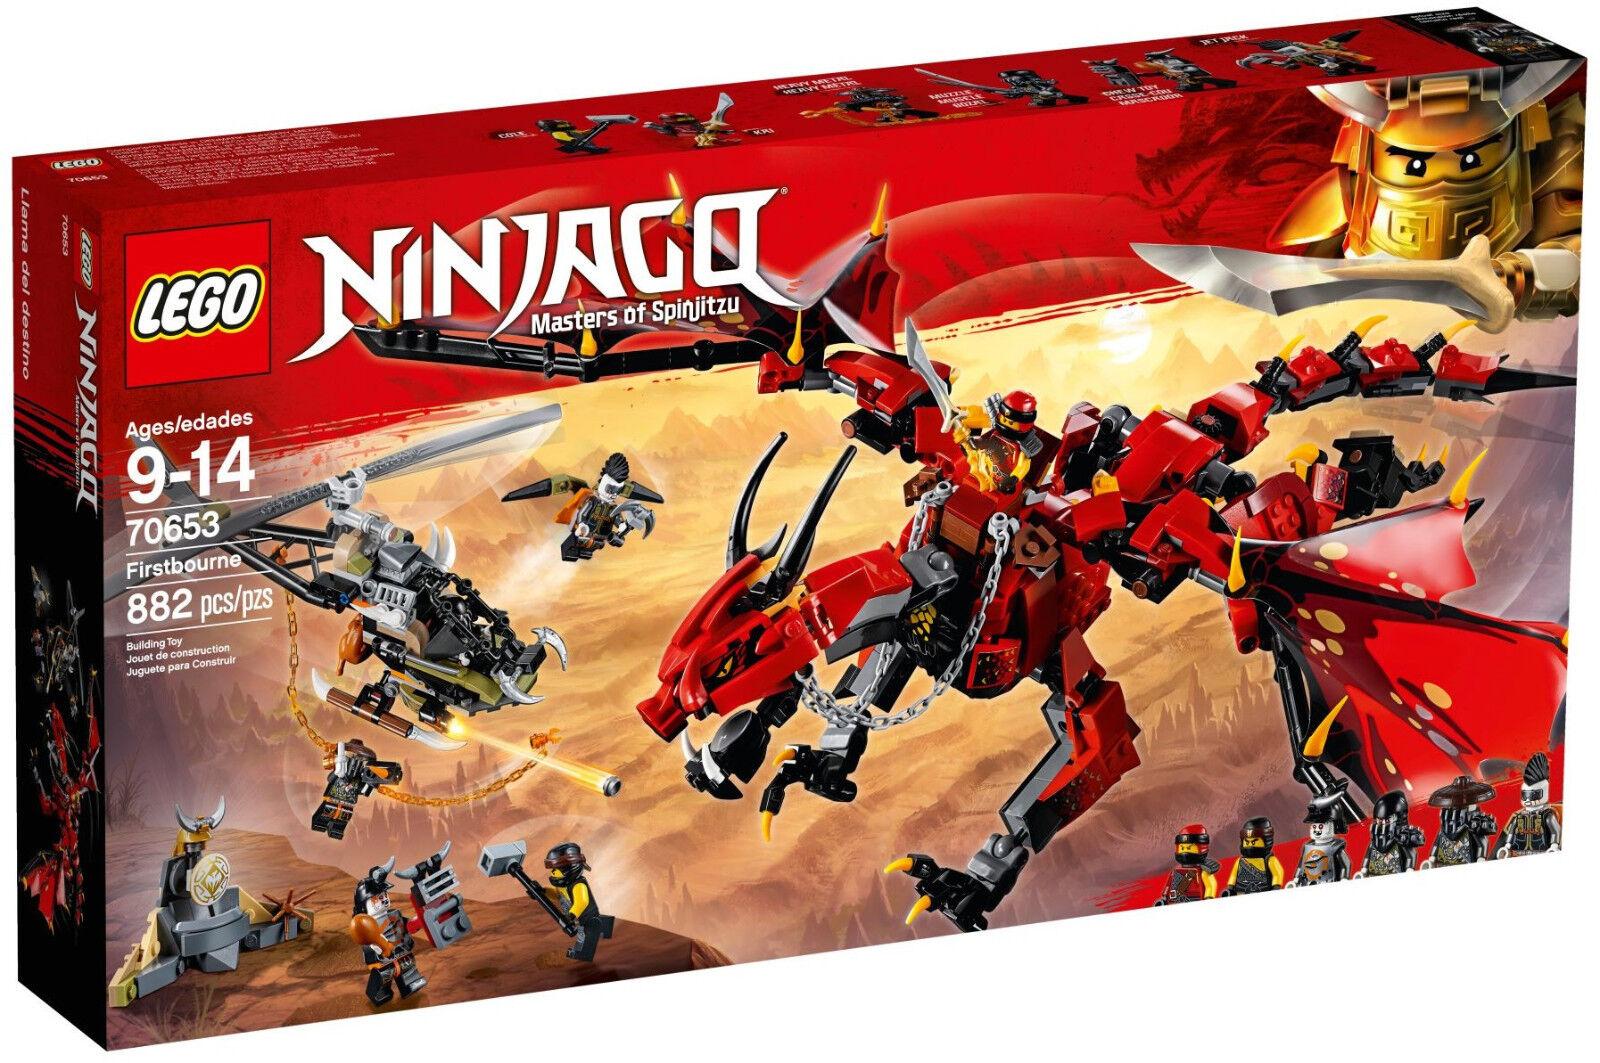 Lego Ninjago - 70653 mère des dragons M. Muzzle, Cole, Kai, chewtoy-Nouveau NEUF dans sa boîte